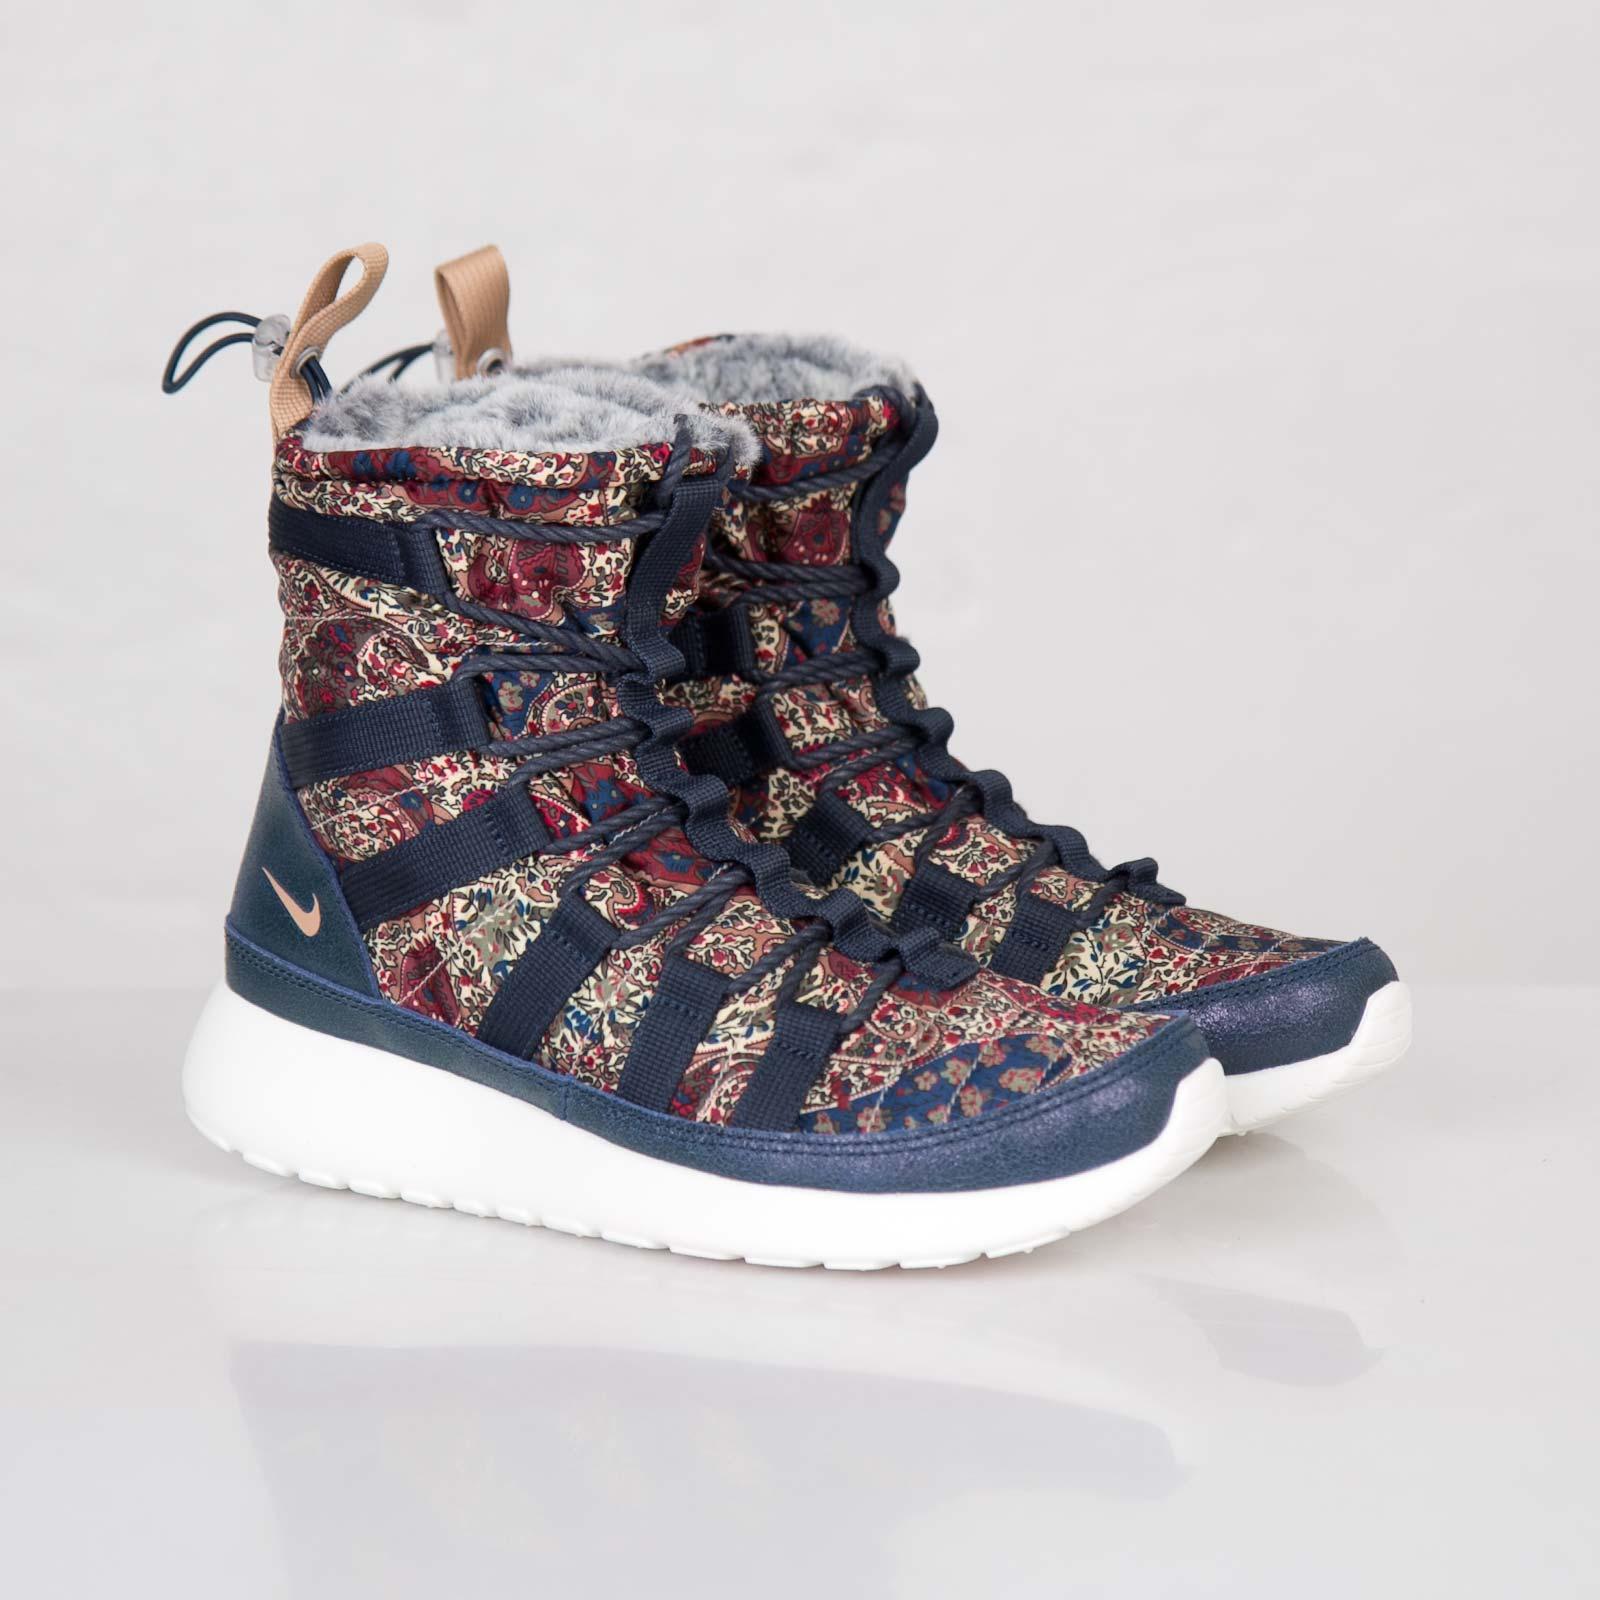 new products aaf0d 3cc17 Nike Wmns Roshe Run Hi Sneakerboot Liberty QS